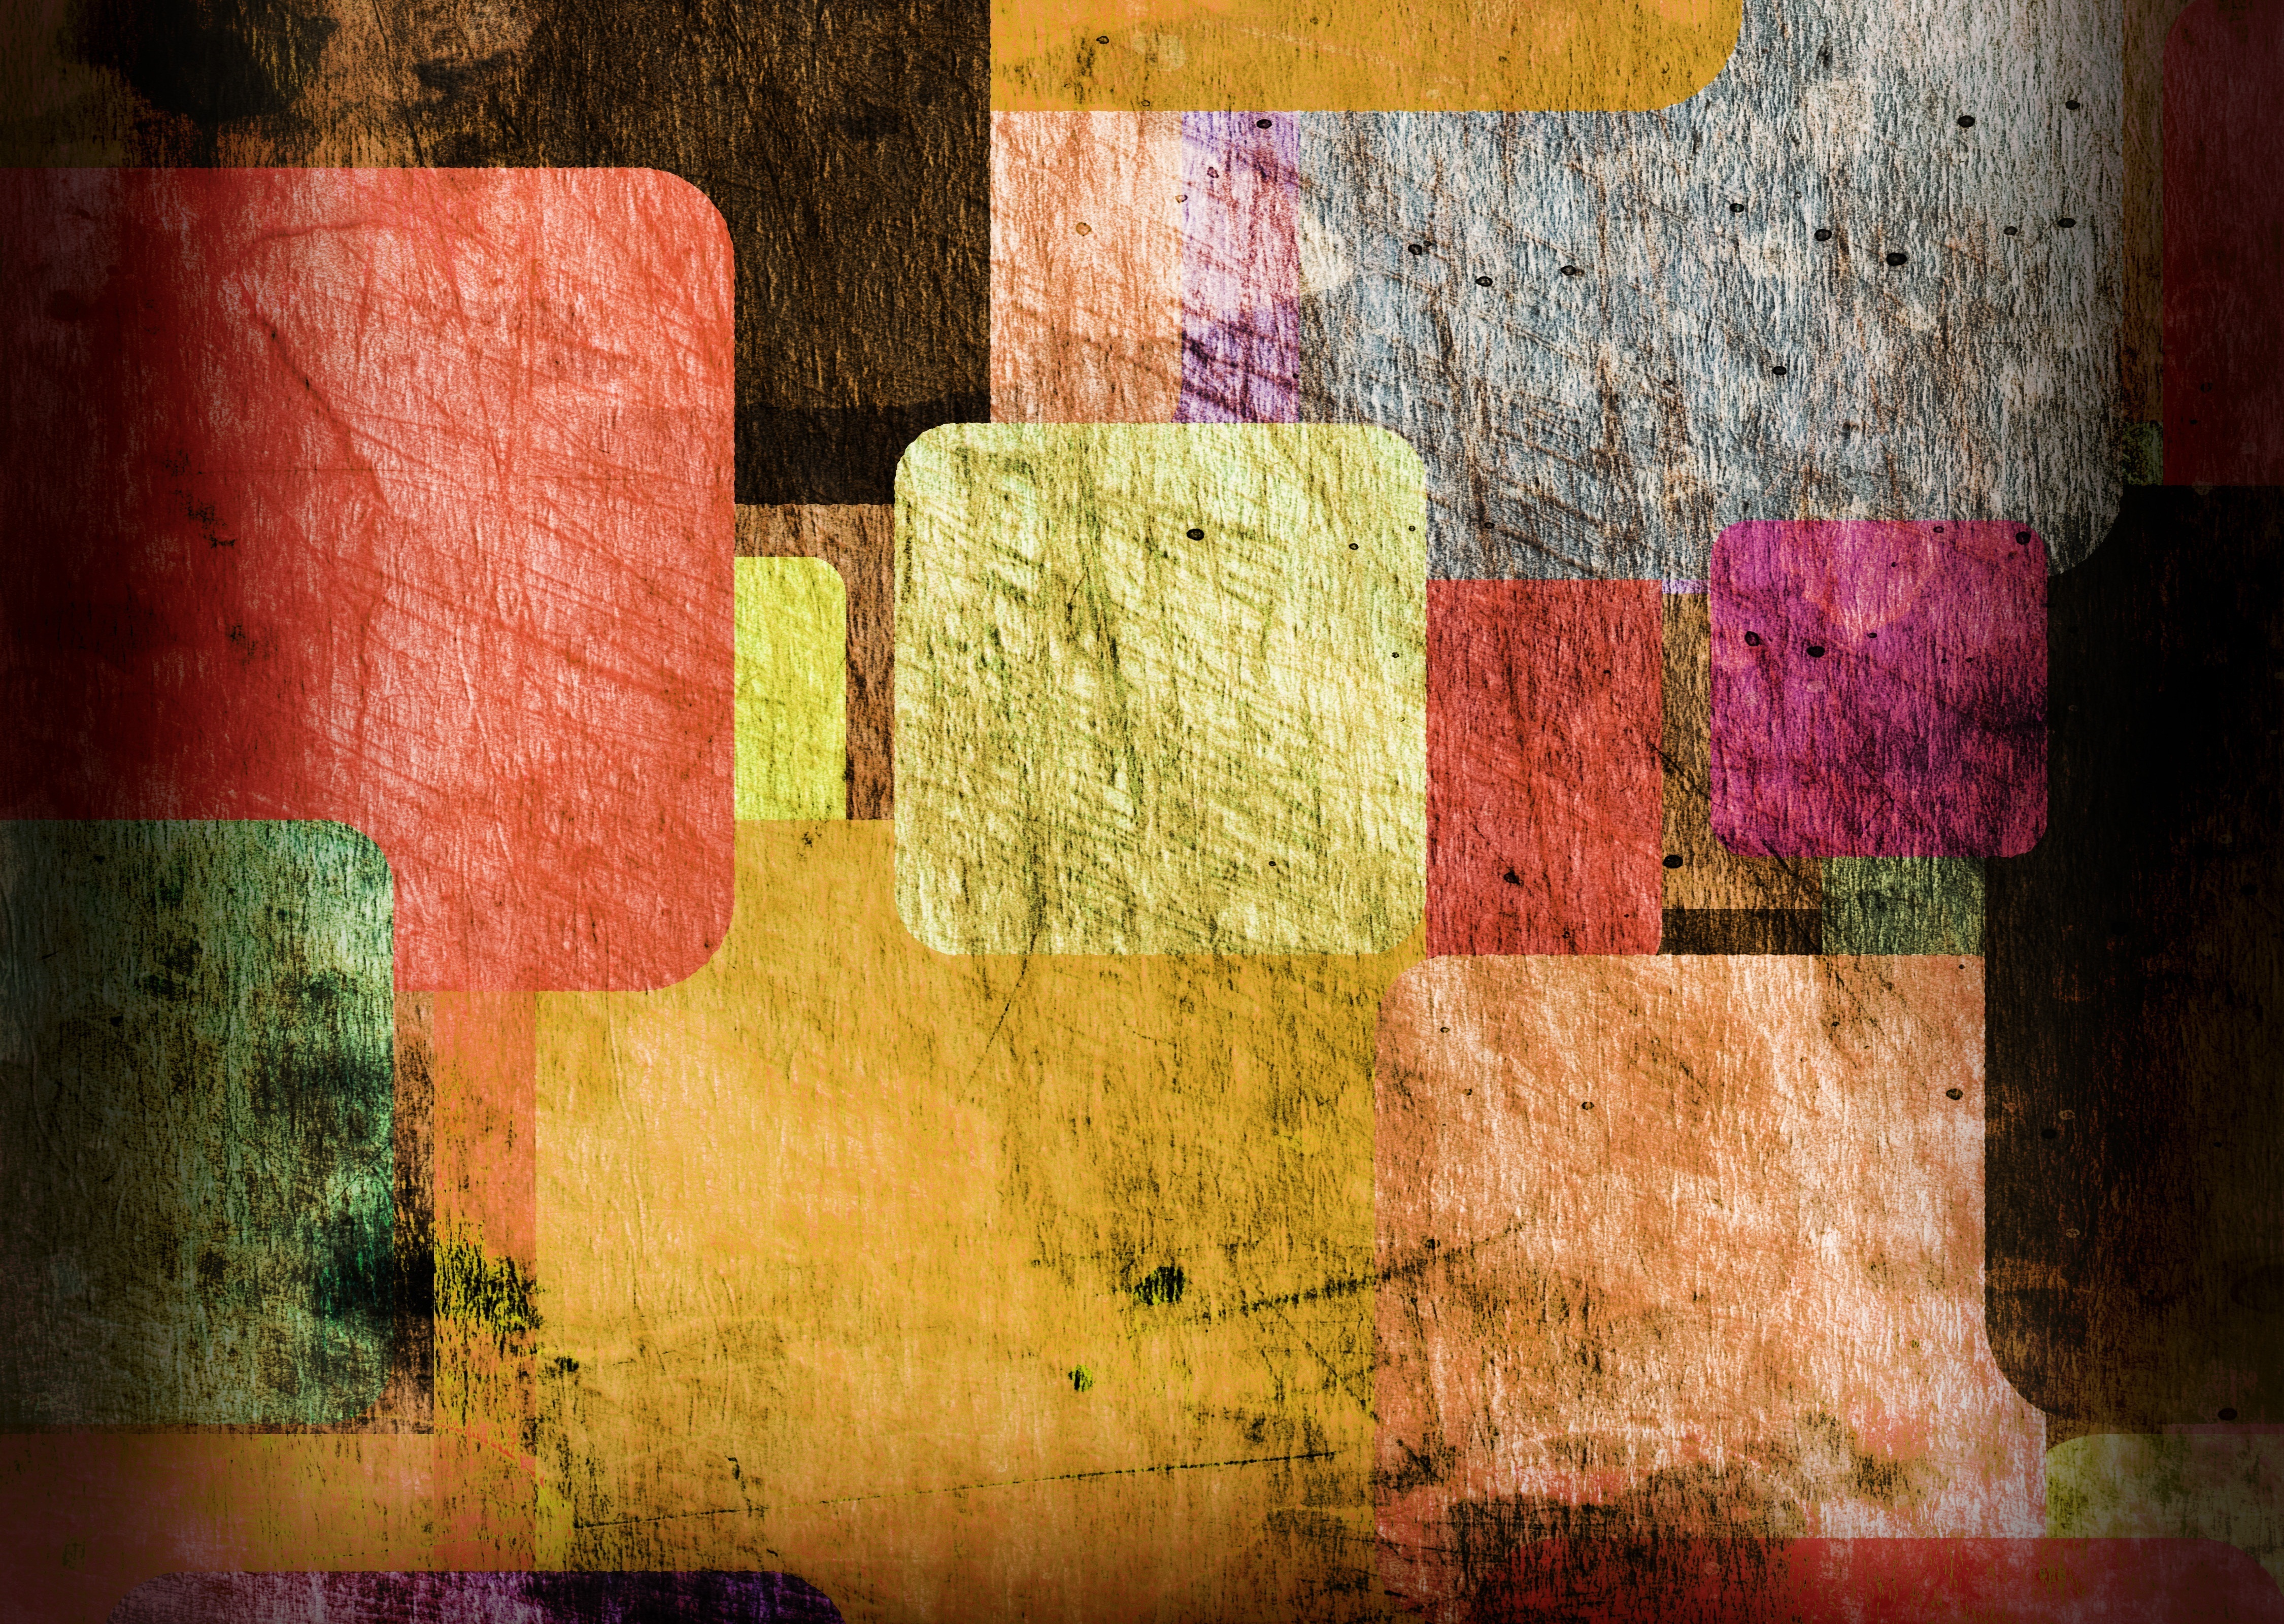 растение необычные картинки квадрат проективный тест абстрактным